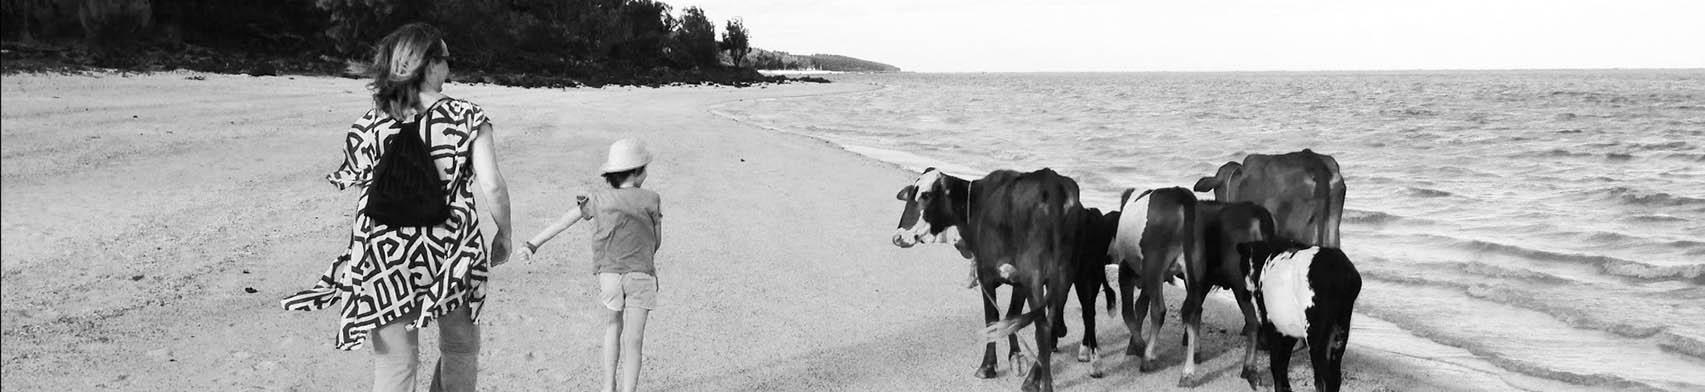 cattle_on_the_beach_bakwa_lodge_rodrigues_bw